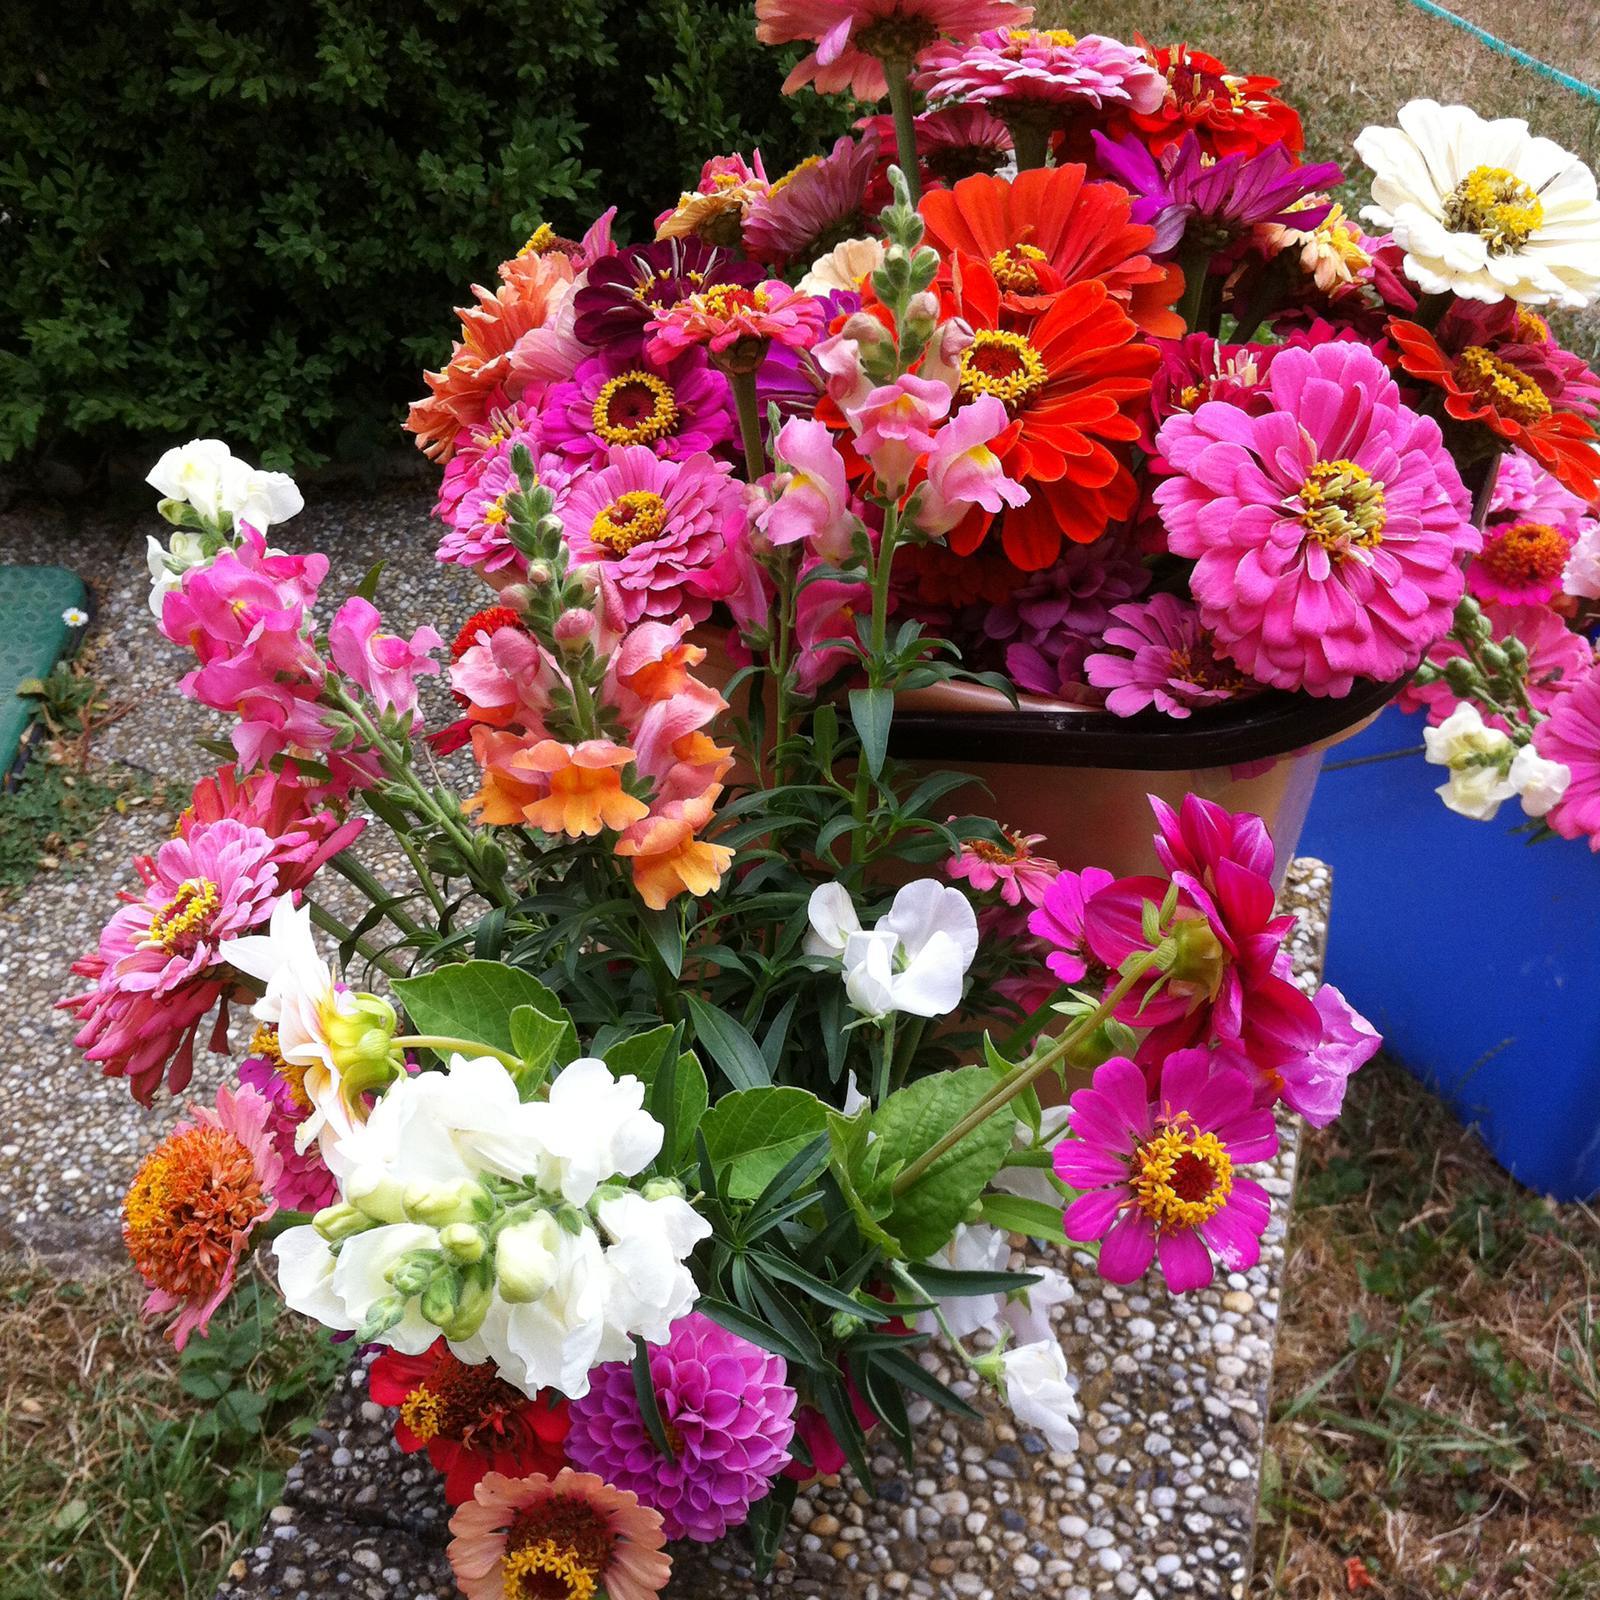 Vo víre kvetov... - Moje kvietky mali prvú oficiálnu premiéru - išli ozdobiť stoly na oslavu životného jubilea :) Tu čakajú na aranžovanie v kýblikoch